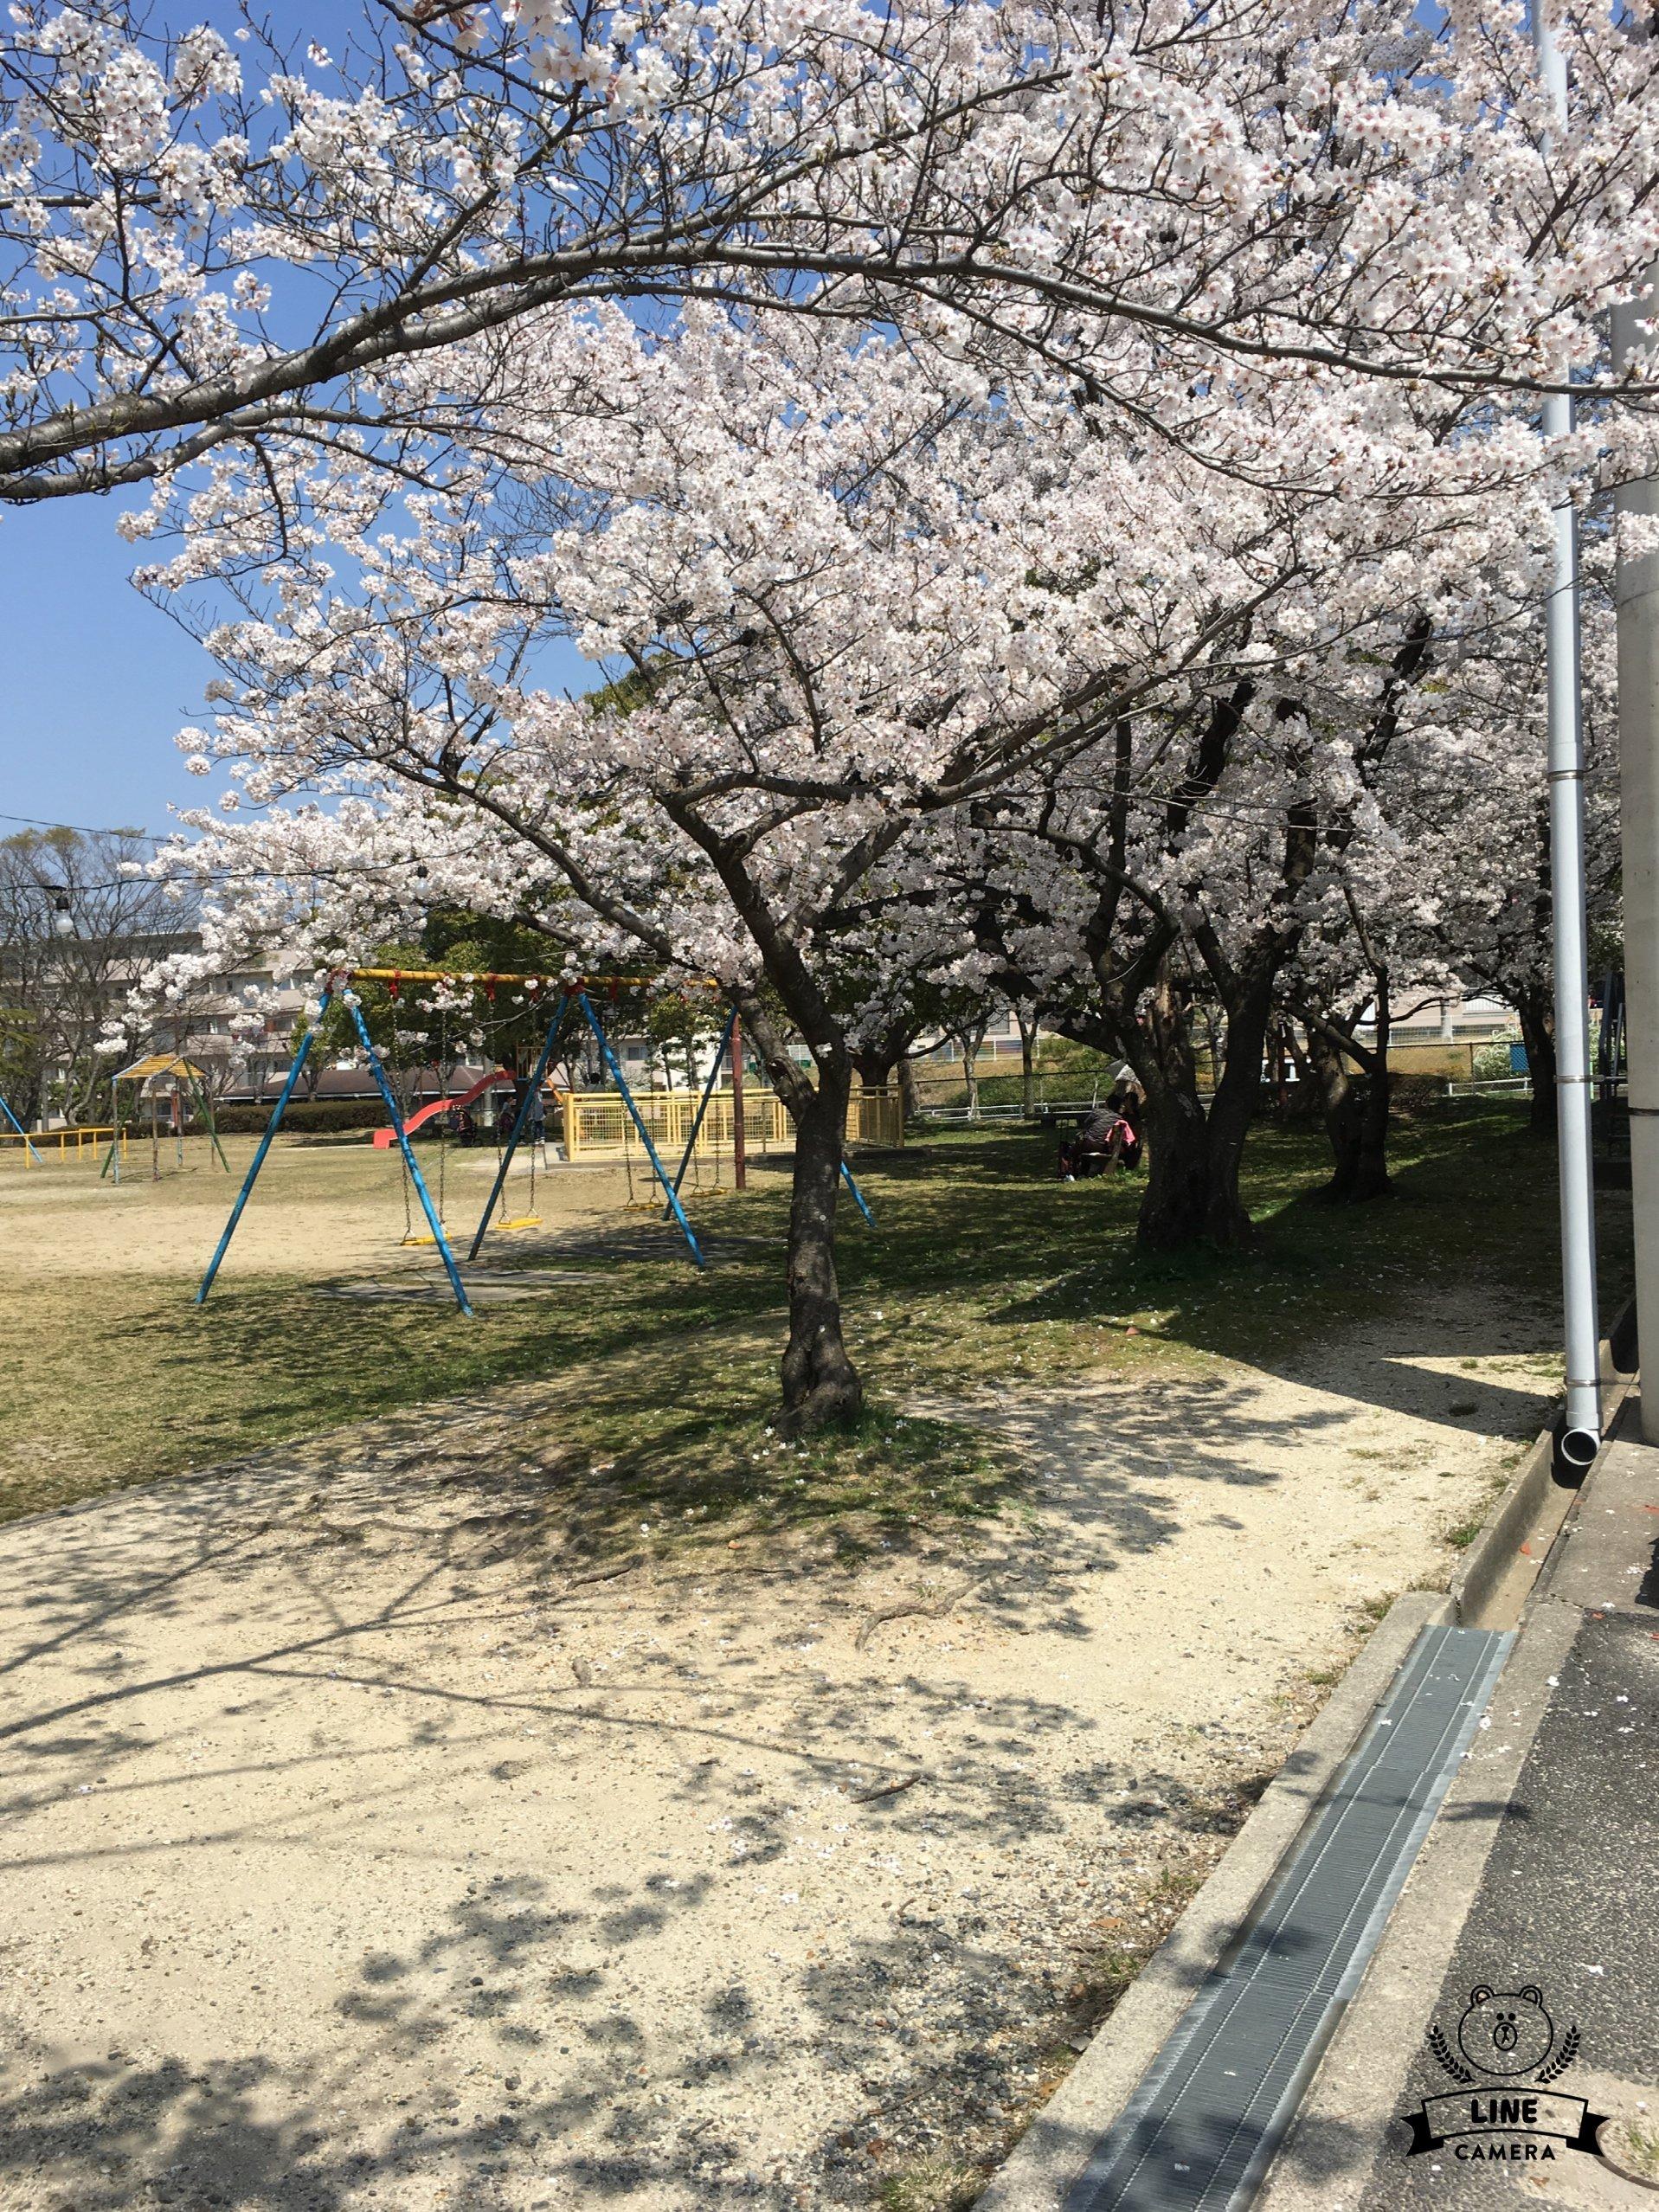 人妻さん日誌:桜満開ですねー。万莉